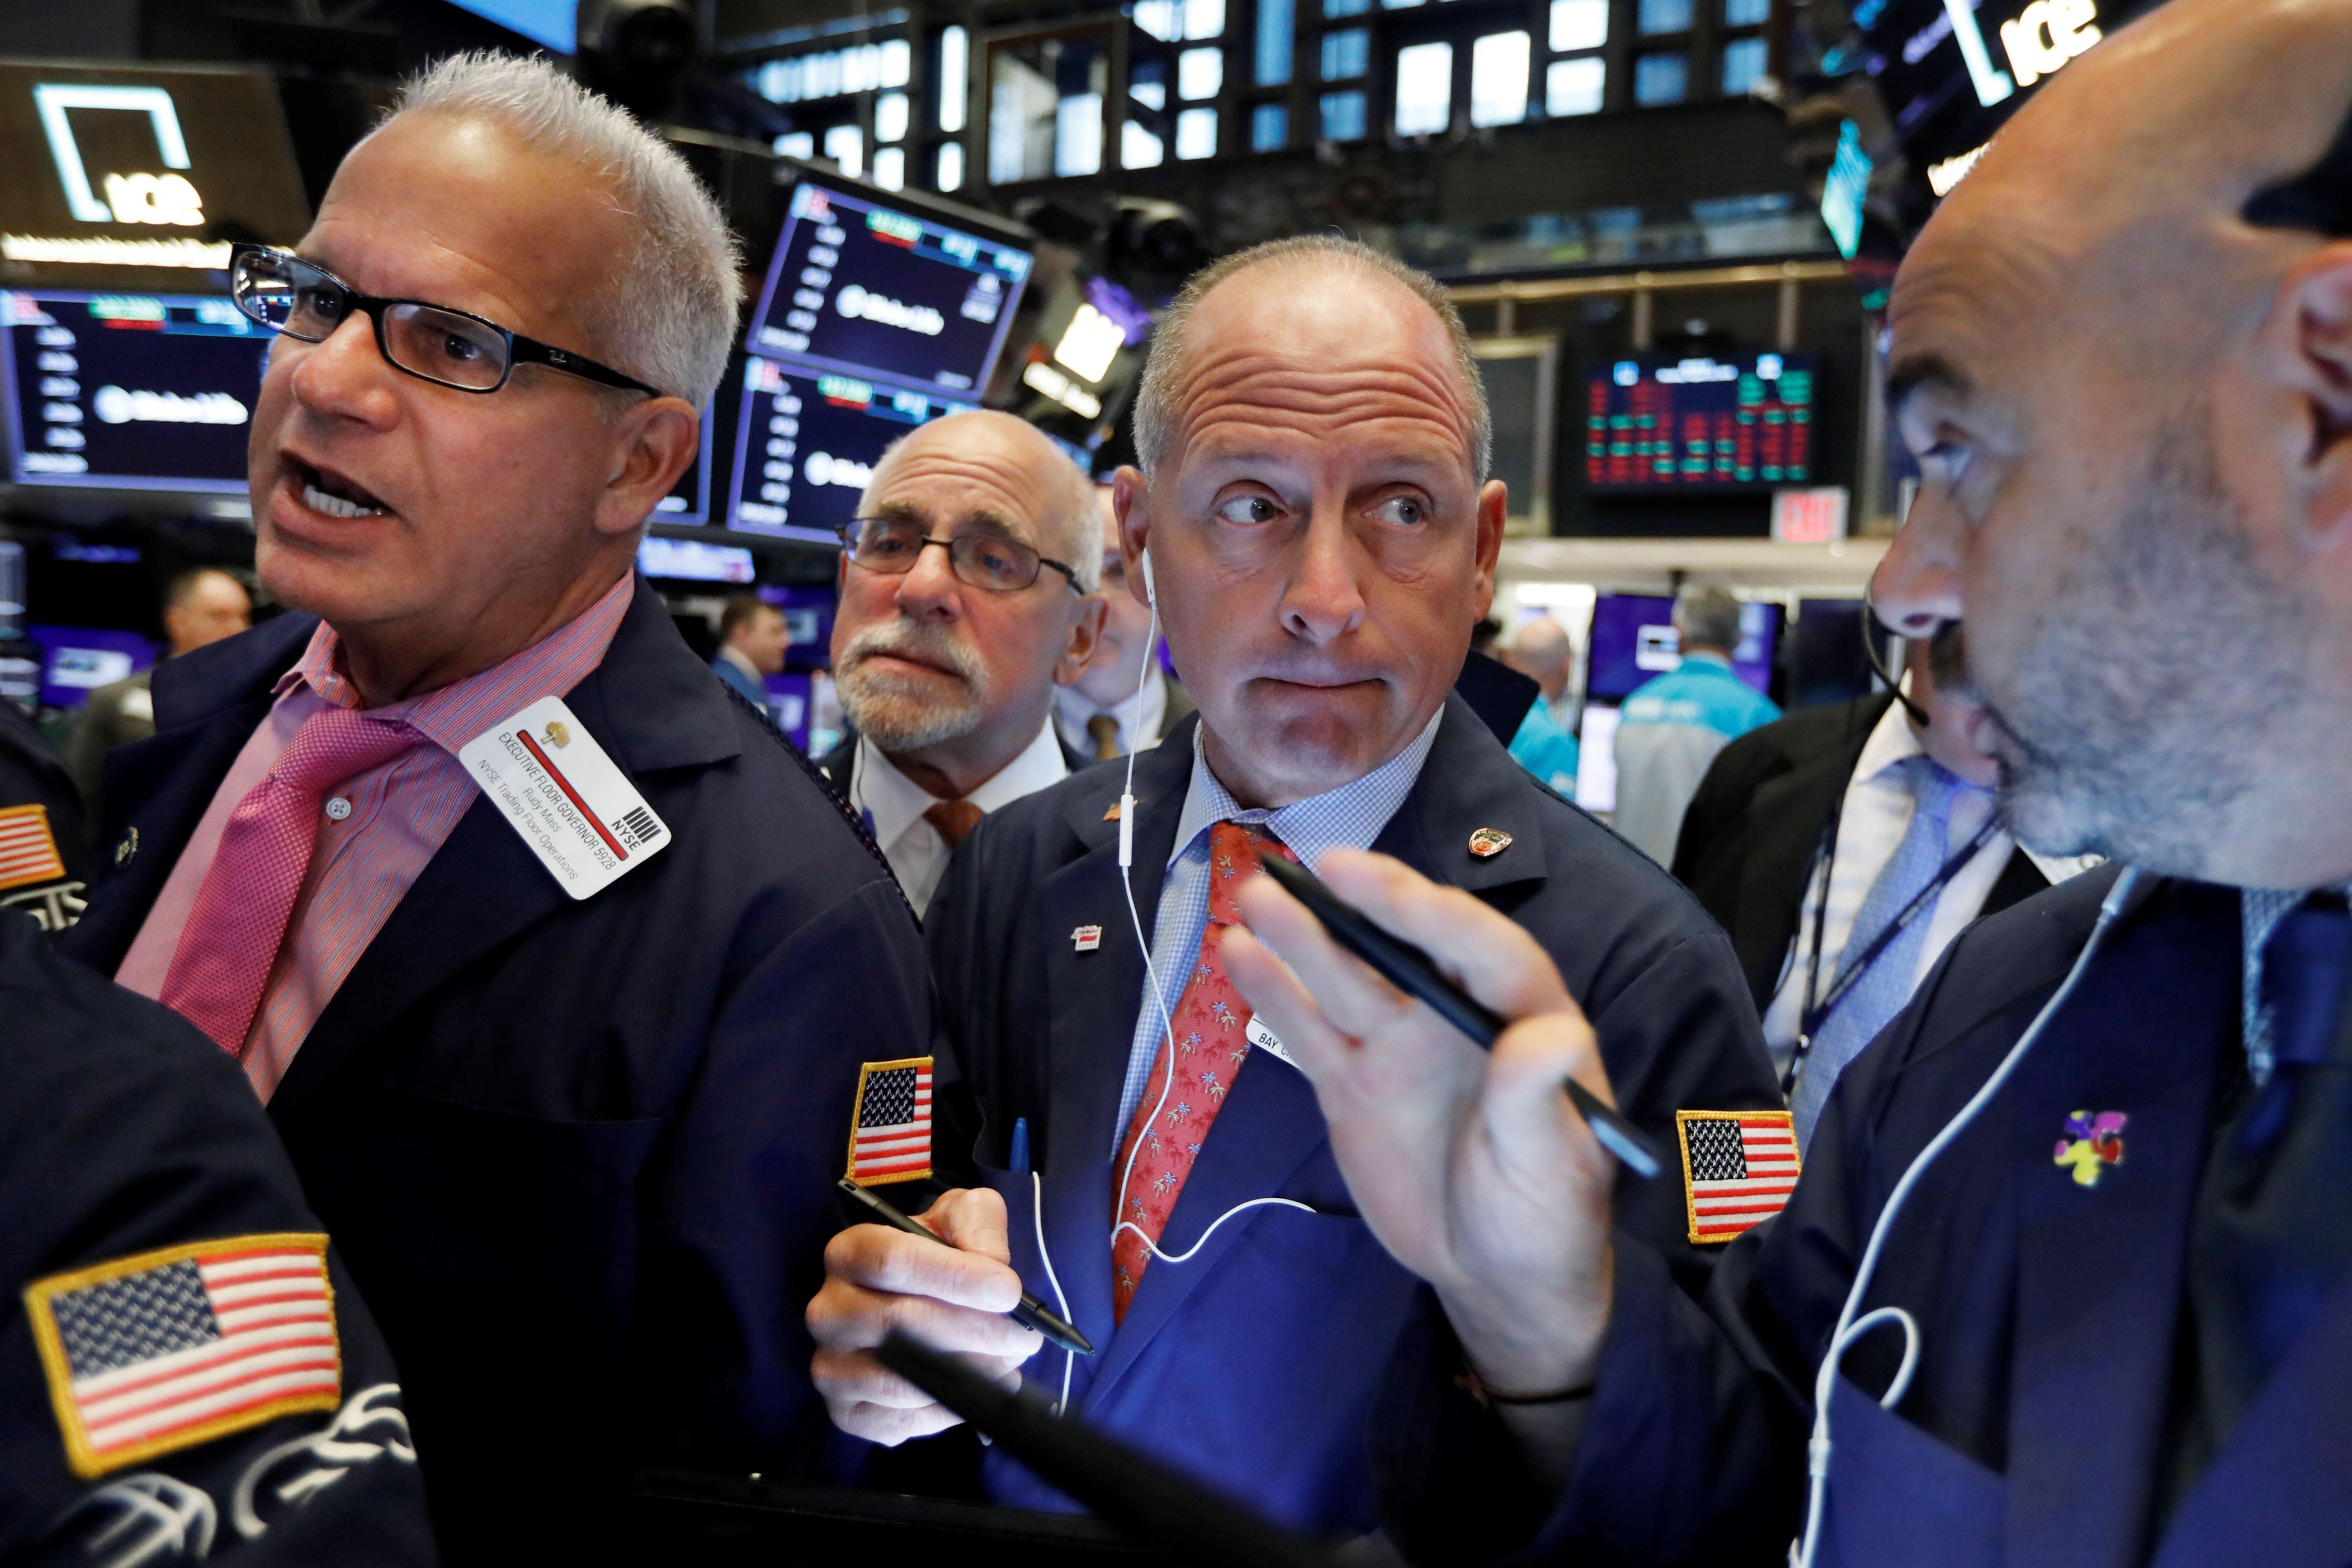 被人詬病的貝萊德等指數基金「三巨頭」 或是股市中定海神針